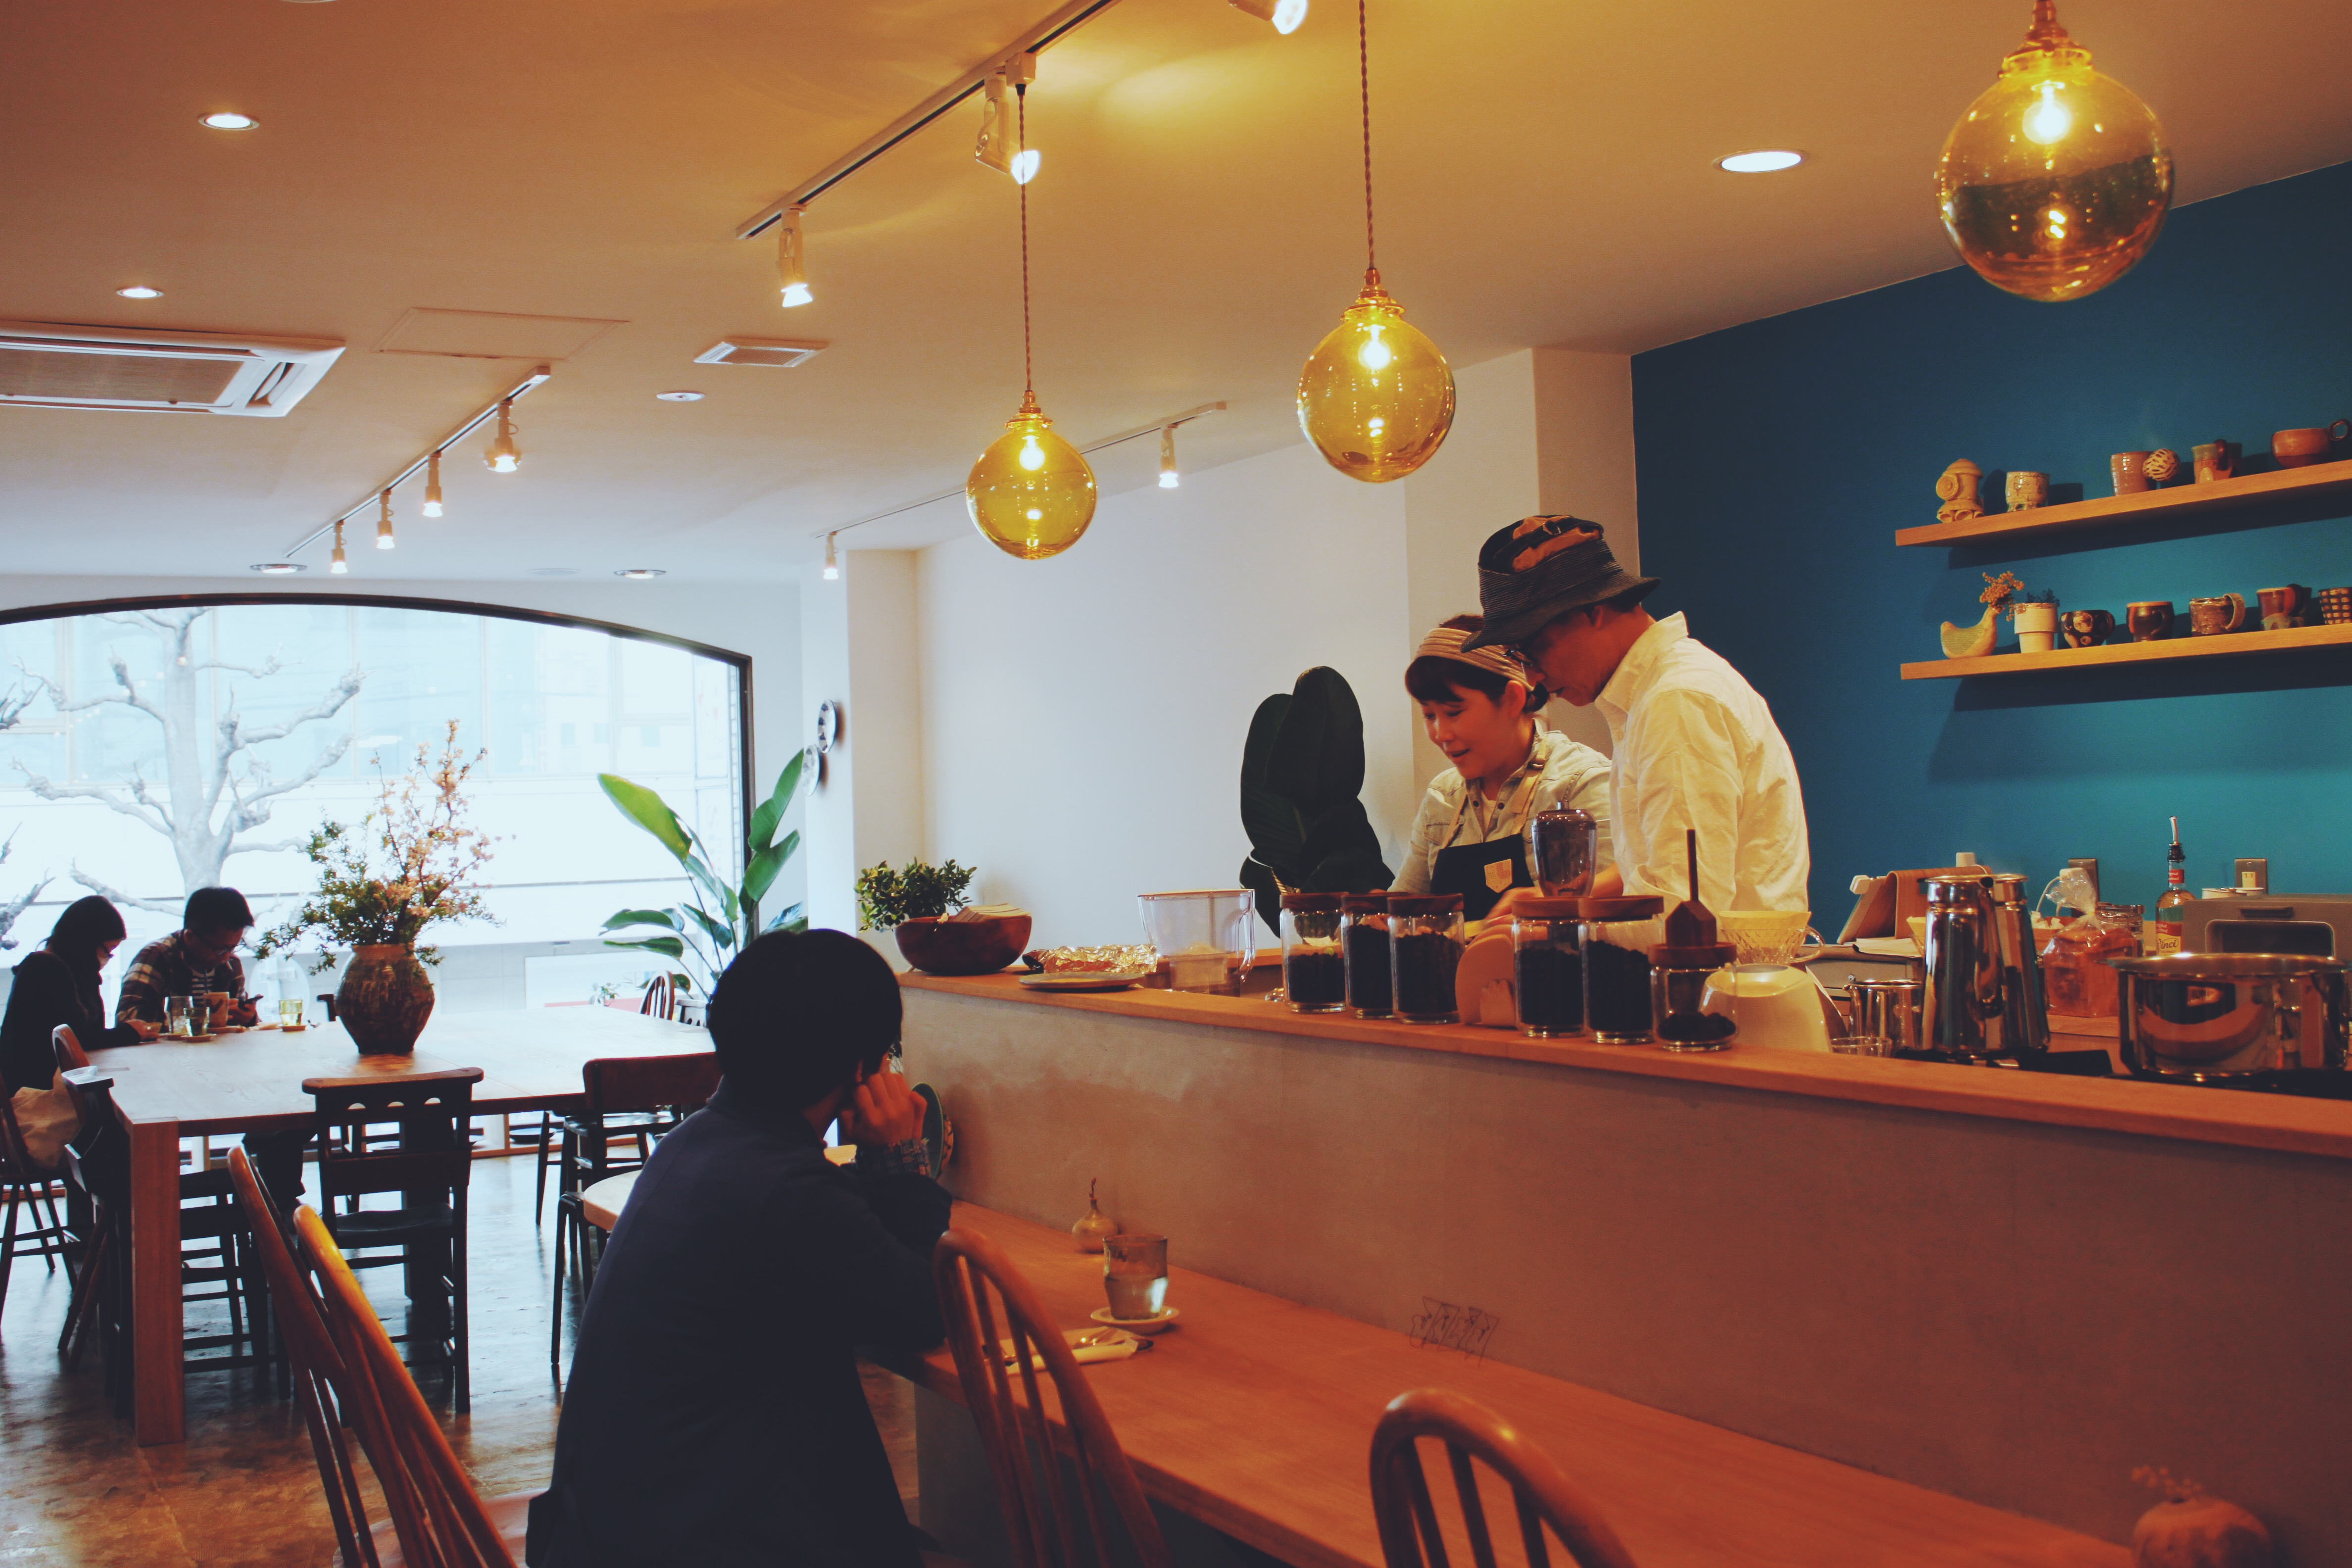 高槻にイマソラ珈琲さんがオープンされました。